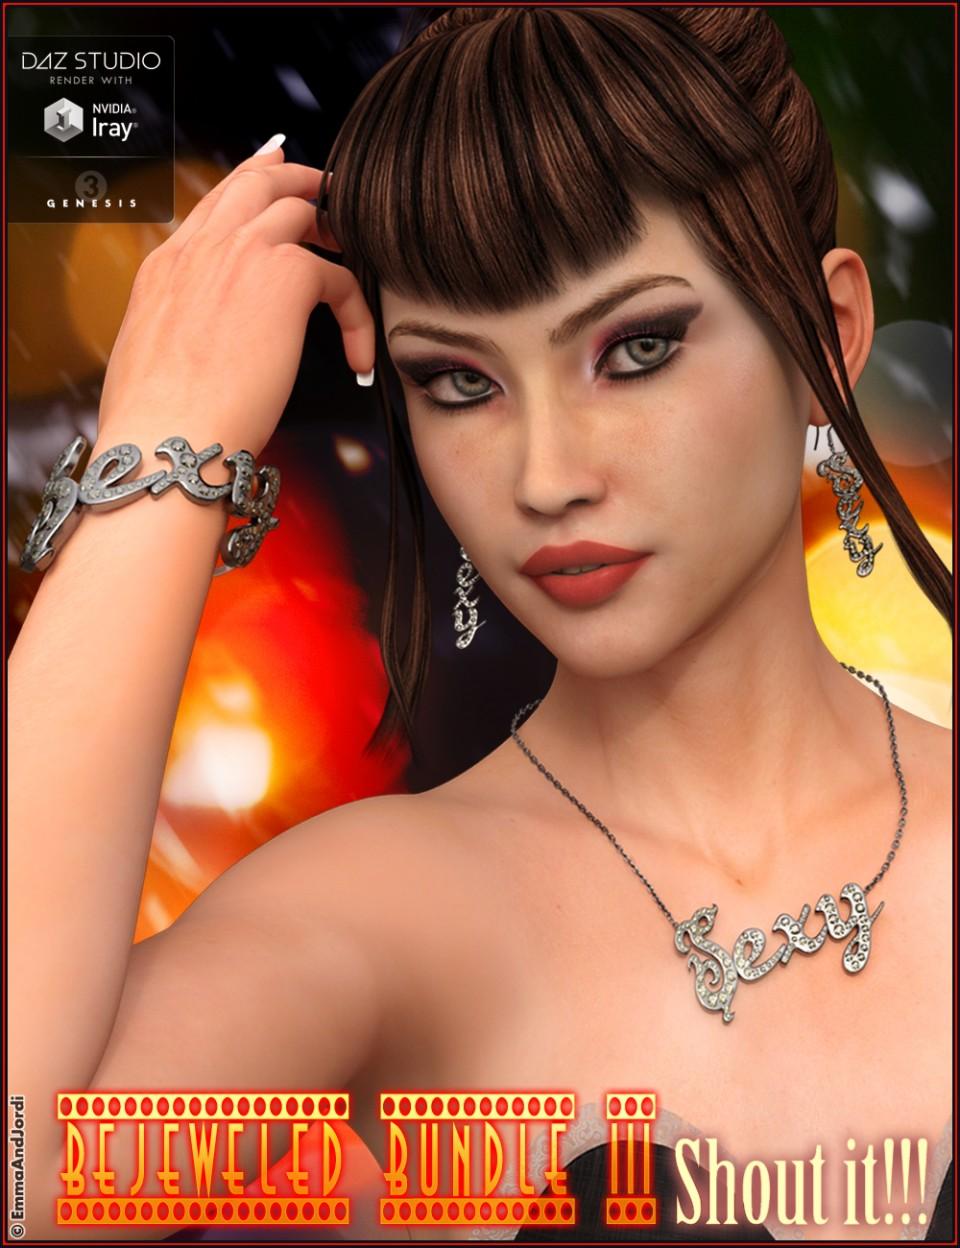 Bejeweled Bundle 3: Shout It_DAZ3D下载站